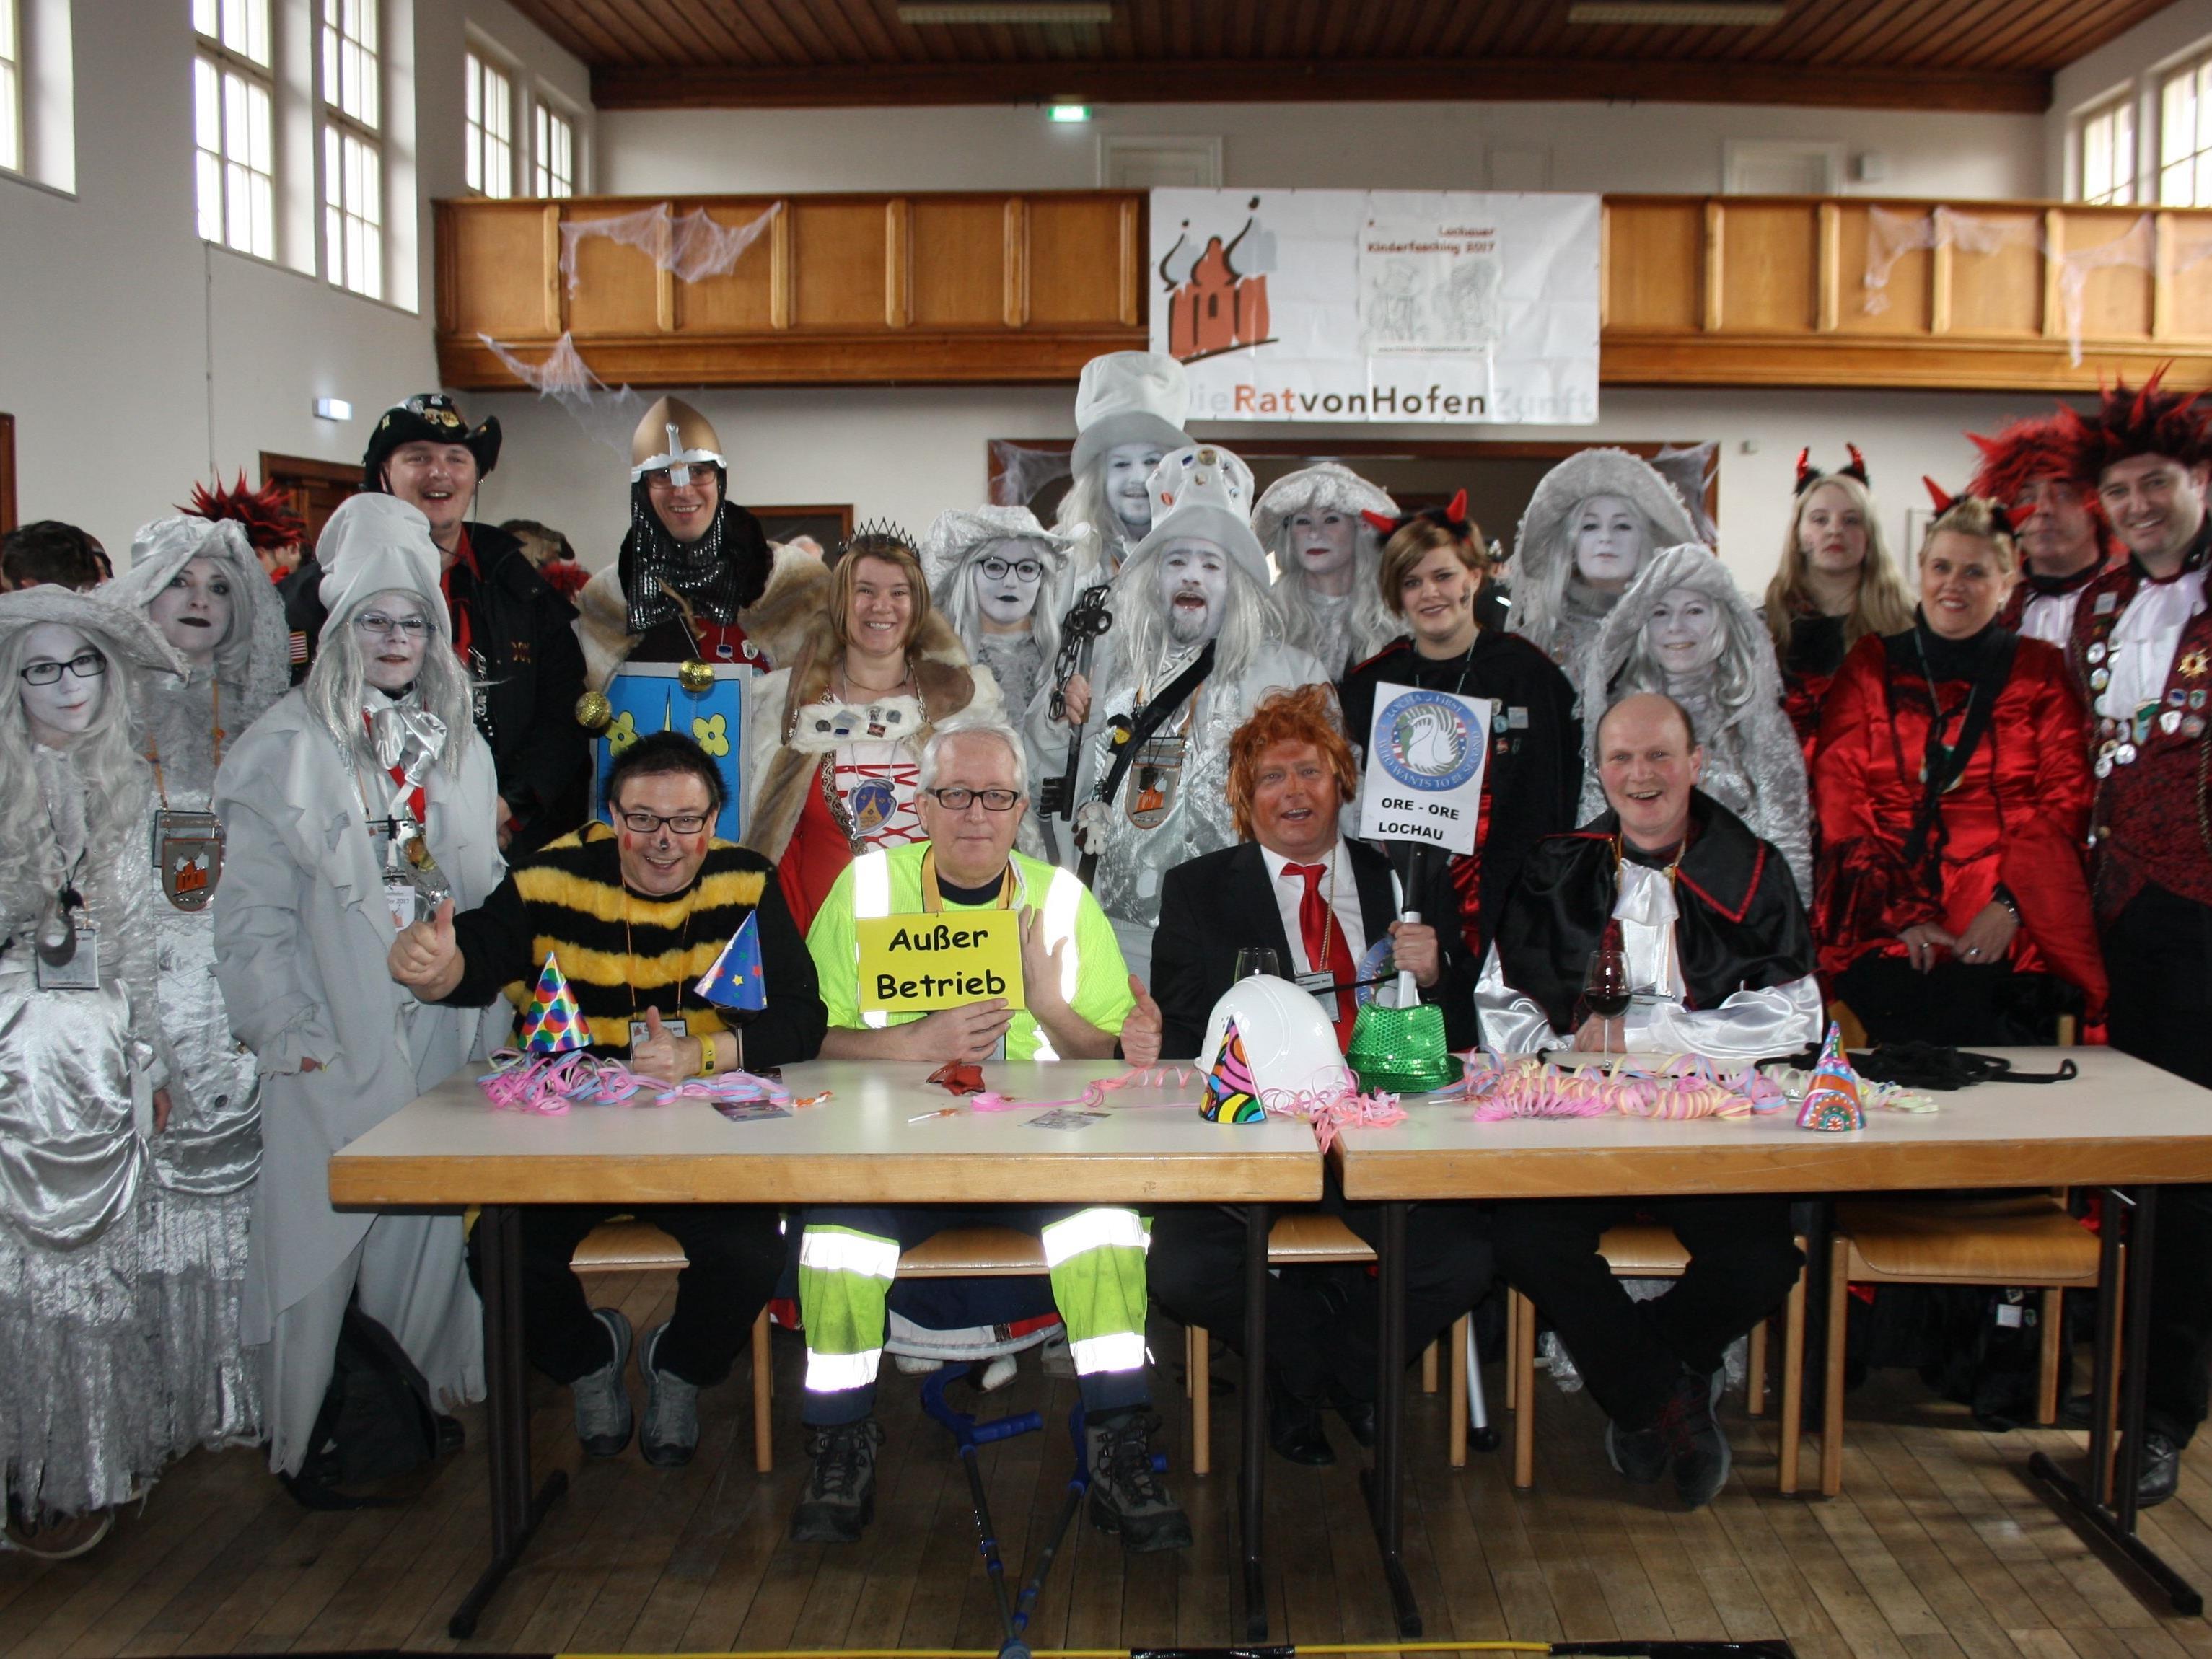 """Zusammen mit den Lochauer Faschingszünften Bäumle und Berg hat nun die RATvonHOFEN-Zunft mit ihrem """"Ober-Rat"""" Gogo Strauss mit der Übernahme des Gemeindeschlüssels die """"Regierungsgeschäfte"""" in Lochau übernommen."""